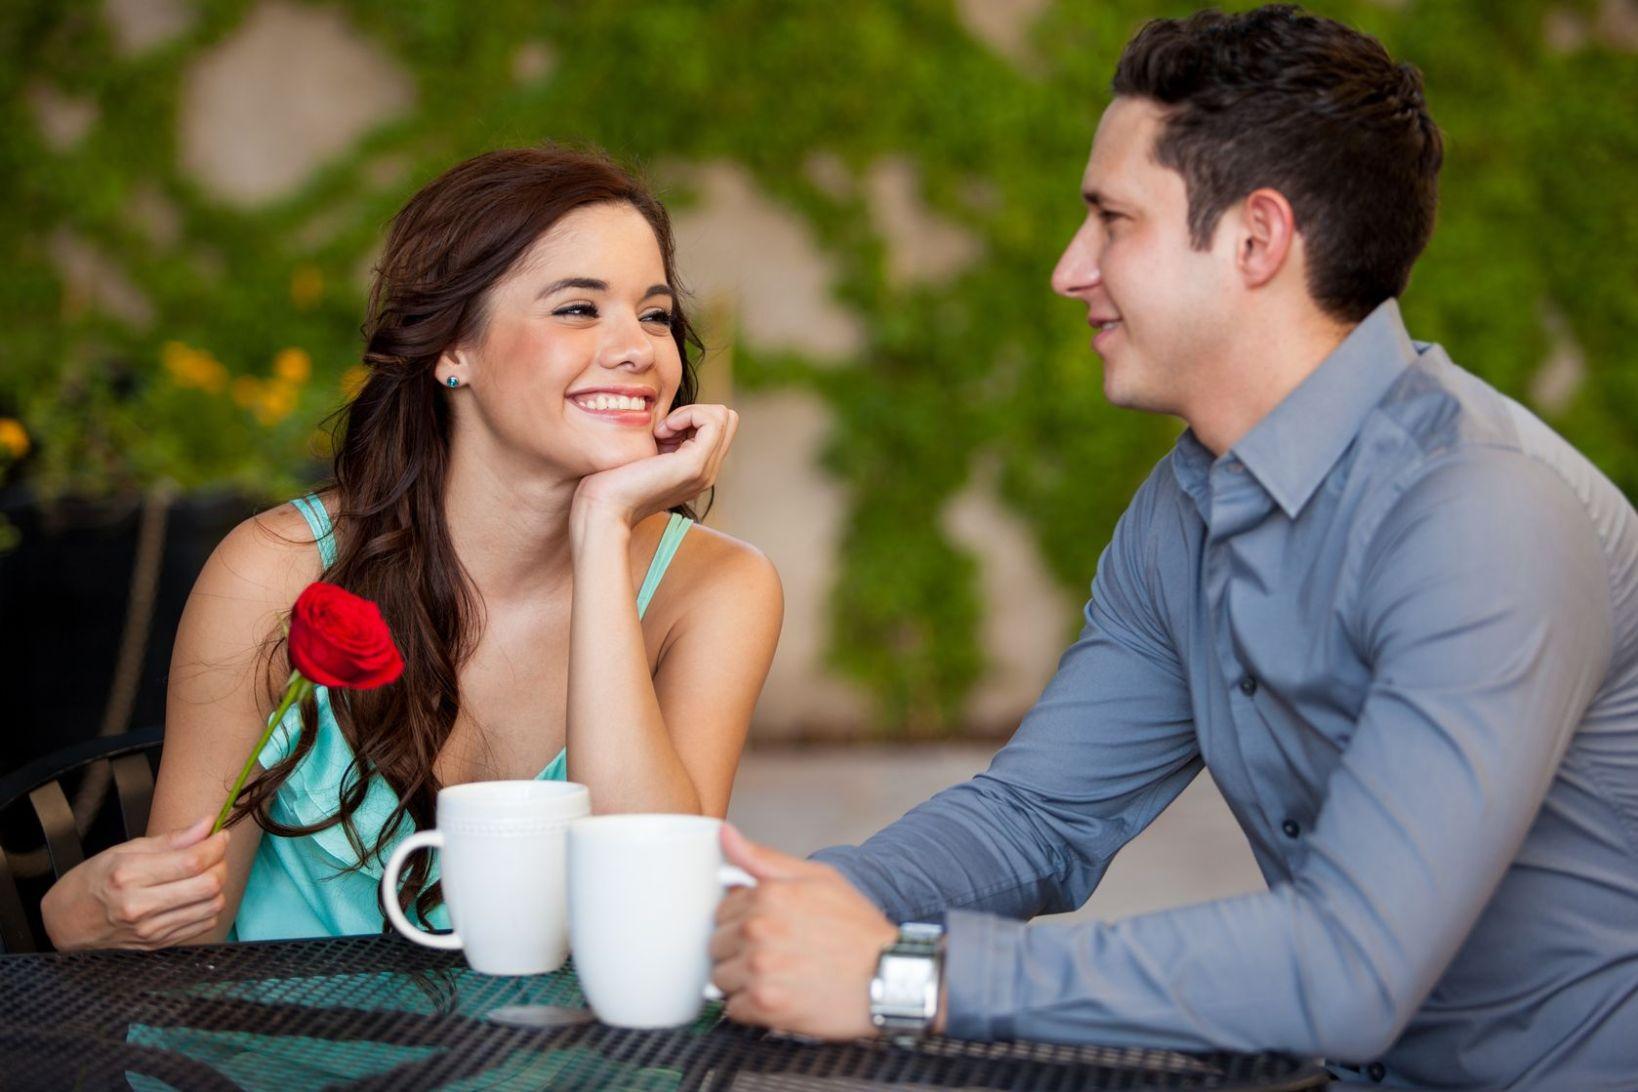 친구의 한마디가 당신의 연애를 결정한다